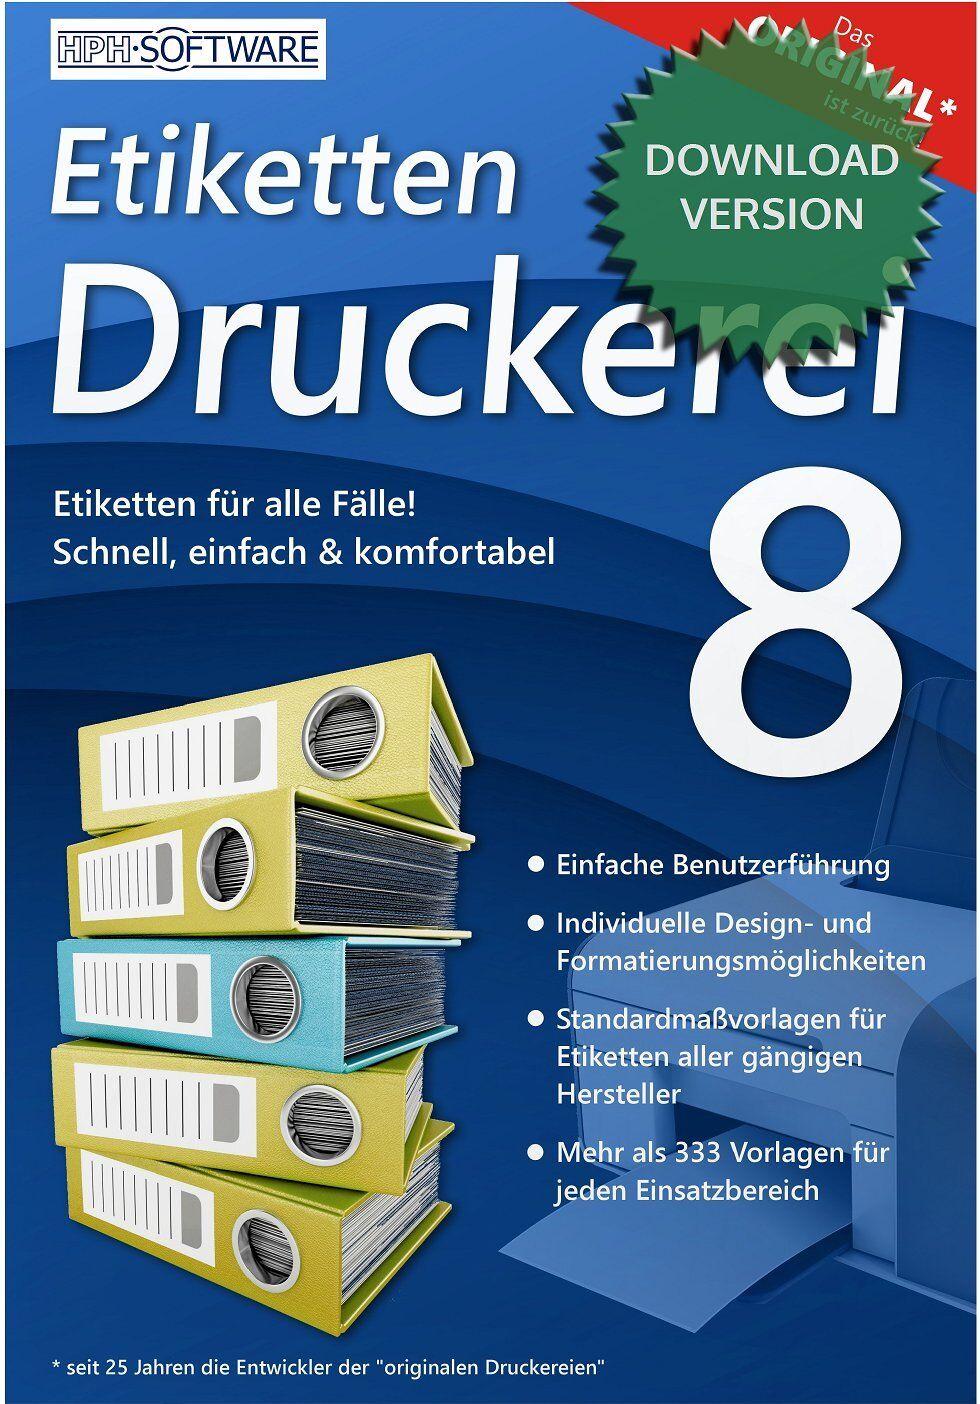 Etiketten-Druckerei 8 / kompatibel zu DATA BECKER / Download-Version